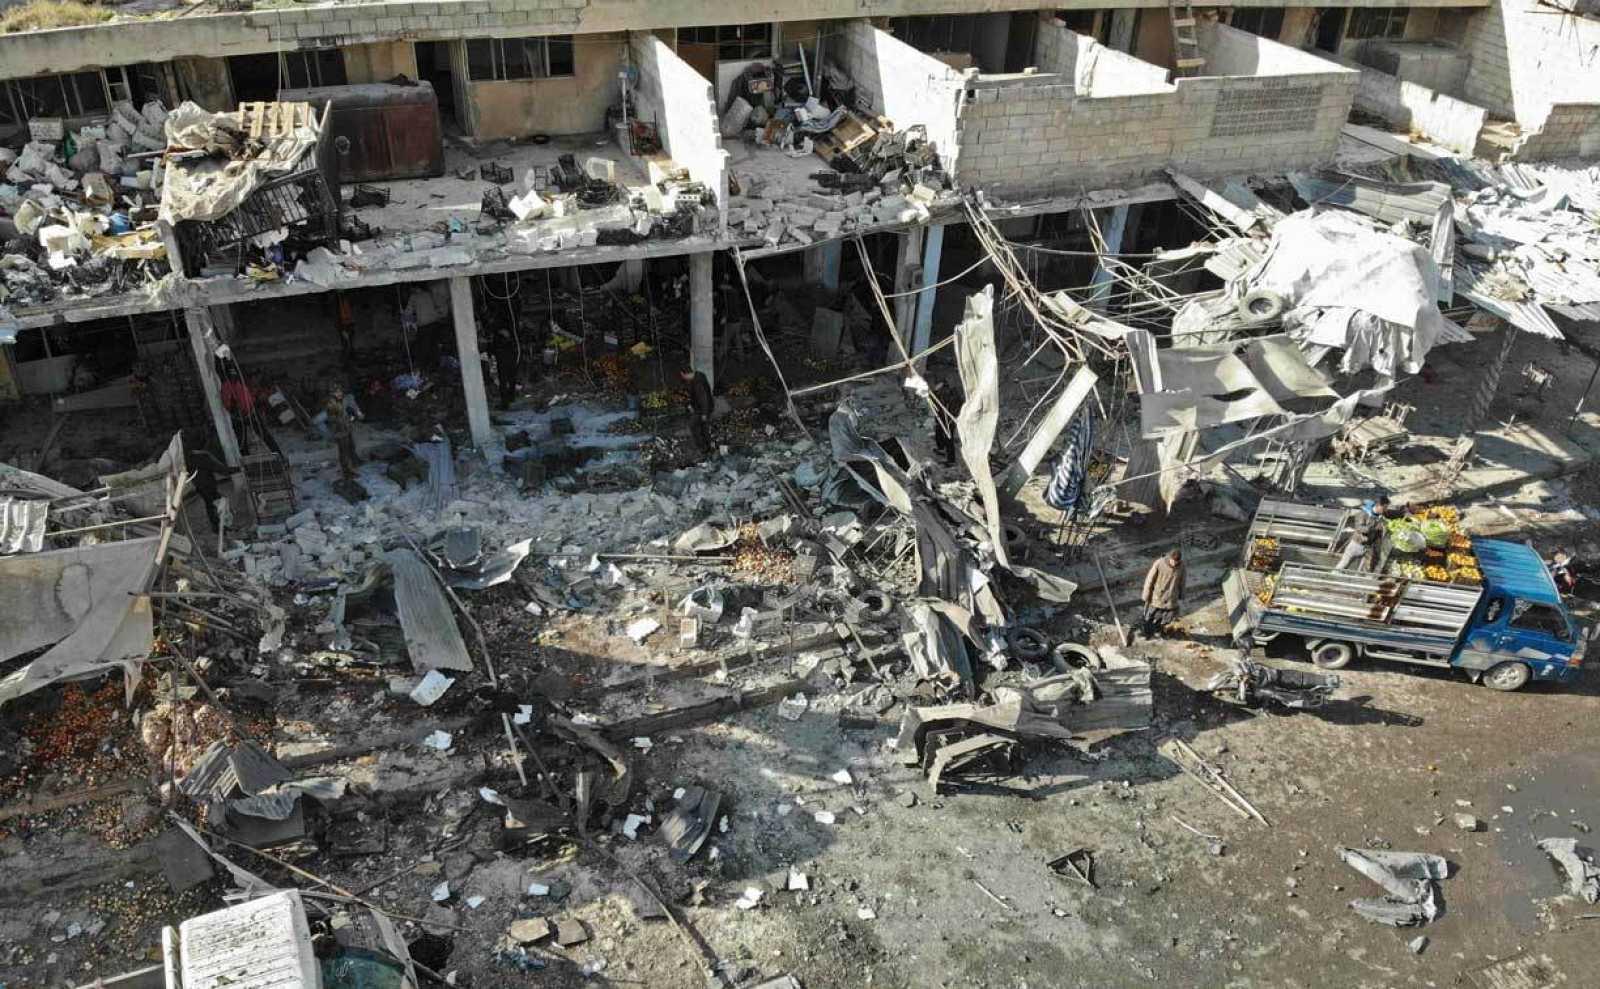 vista aérea del mercado de Maaret al-Numan en la provincia siria de Idlib, tras el ataque aéreo del ejército sirio.